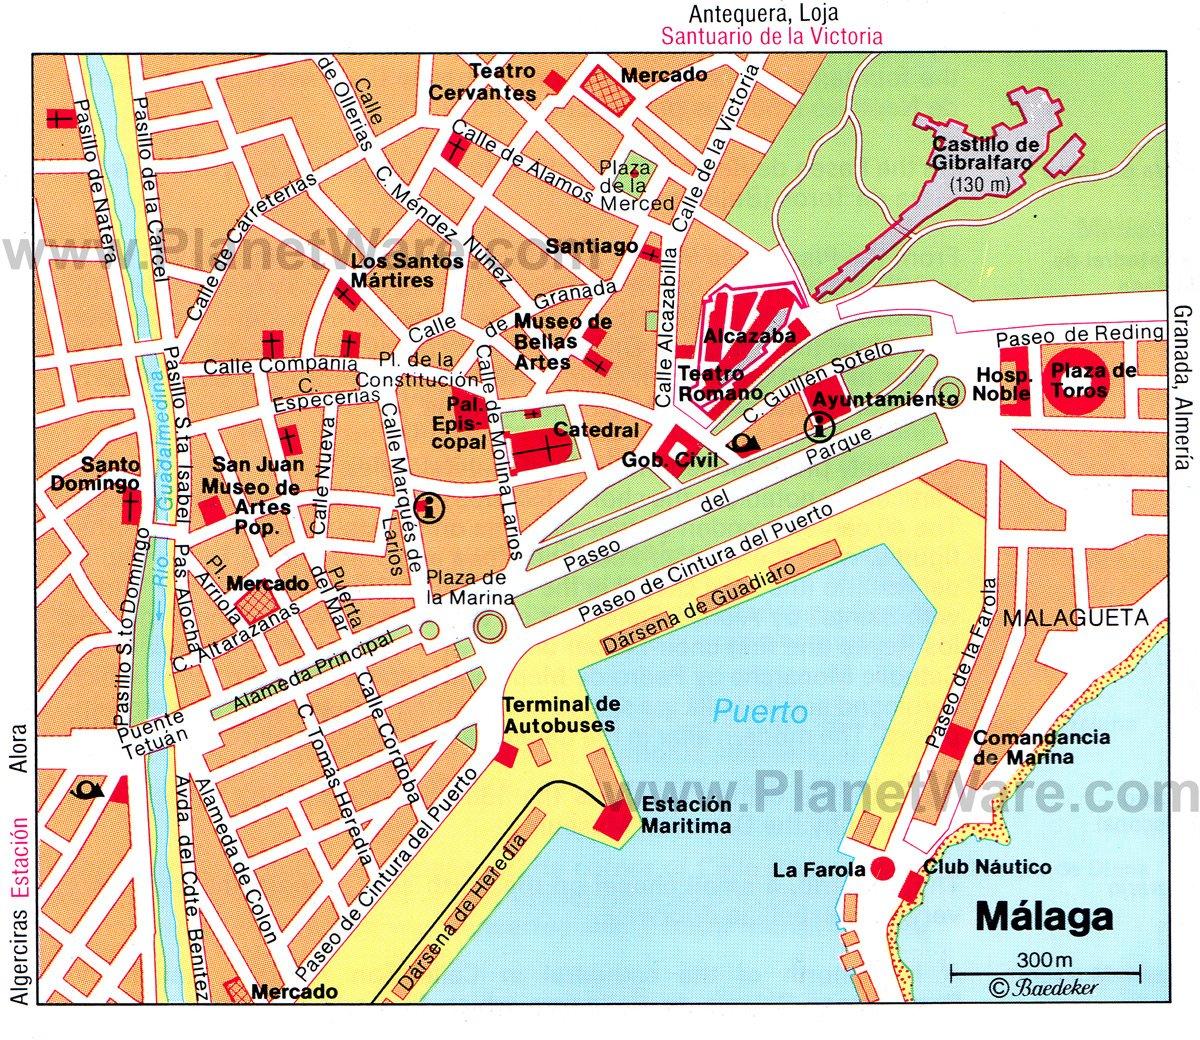 Tinbergs on Tour: October 22, 2018 – Malaga, Spain – Sunny ... on marseille italy, london italy, valencia italy, granada italy, ibiza italy, messina italy, vienna italy, geneva italy, mantua italy, athens italy, cologne italy, cartagena italy, seville italy, barcelona italy,